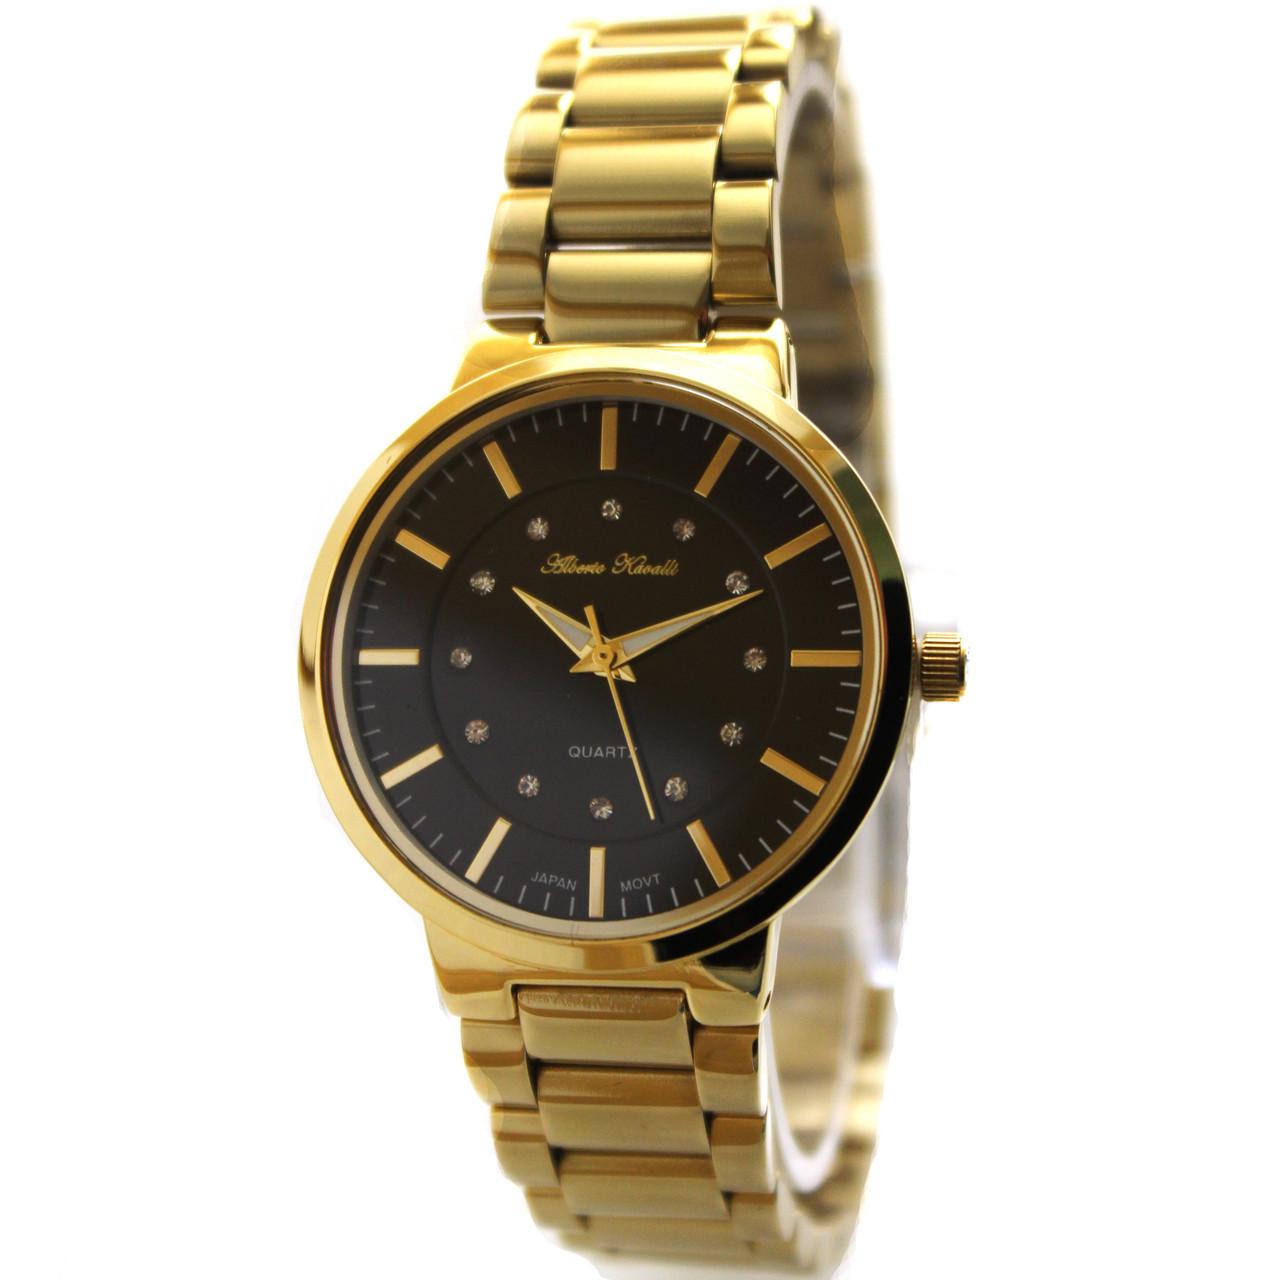 часы наручные мужские купить в ставрополе